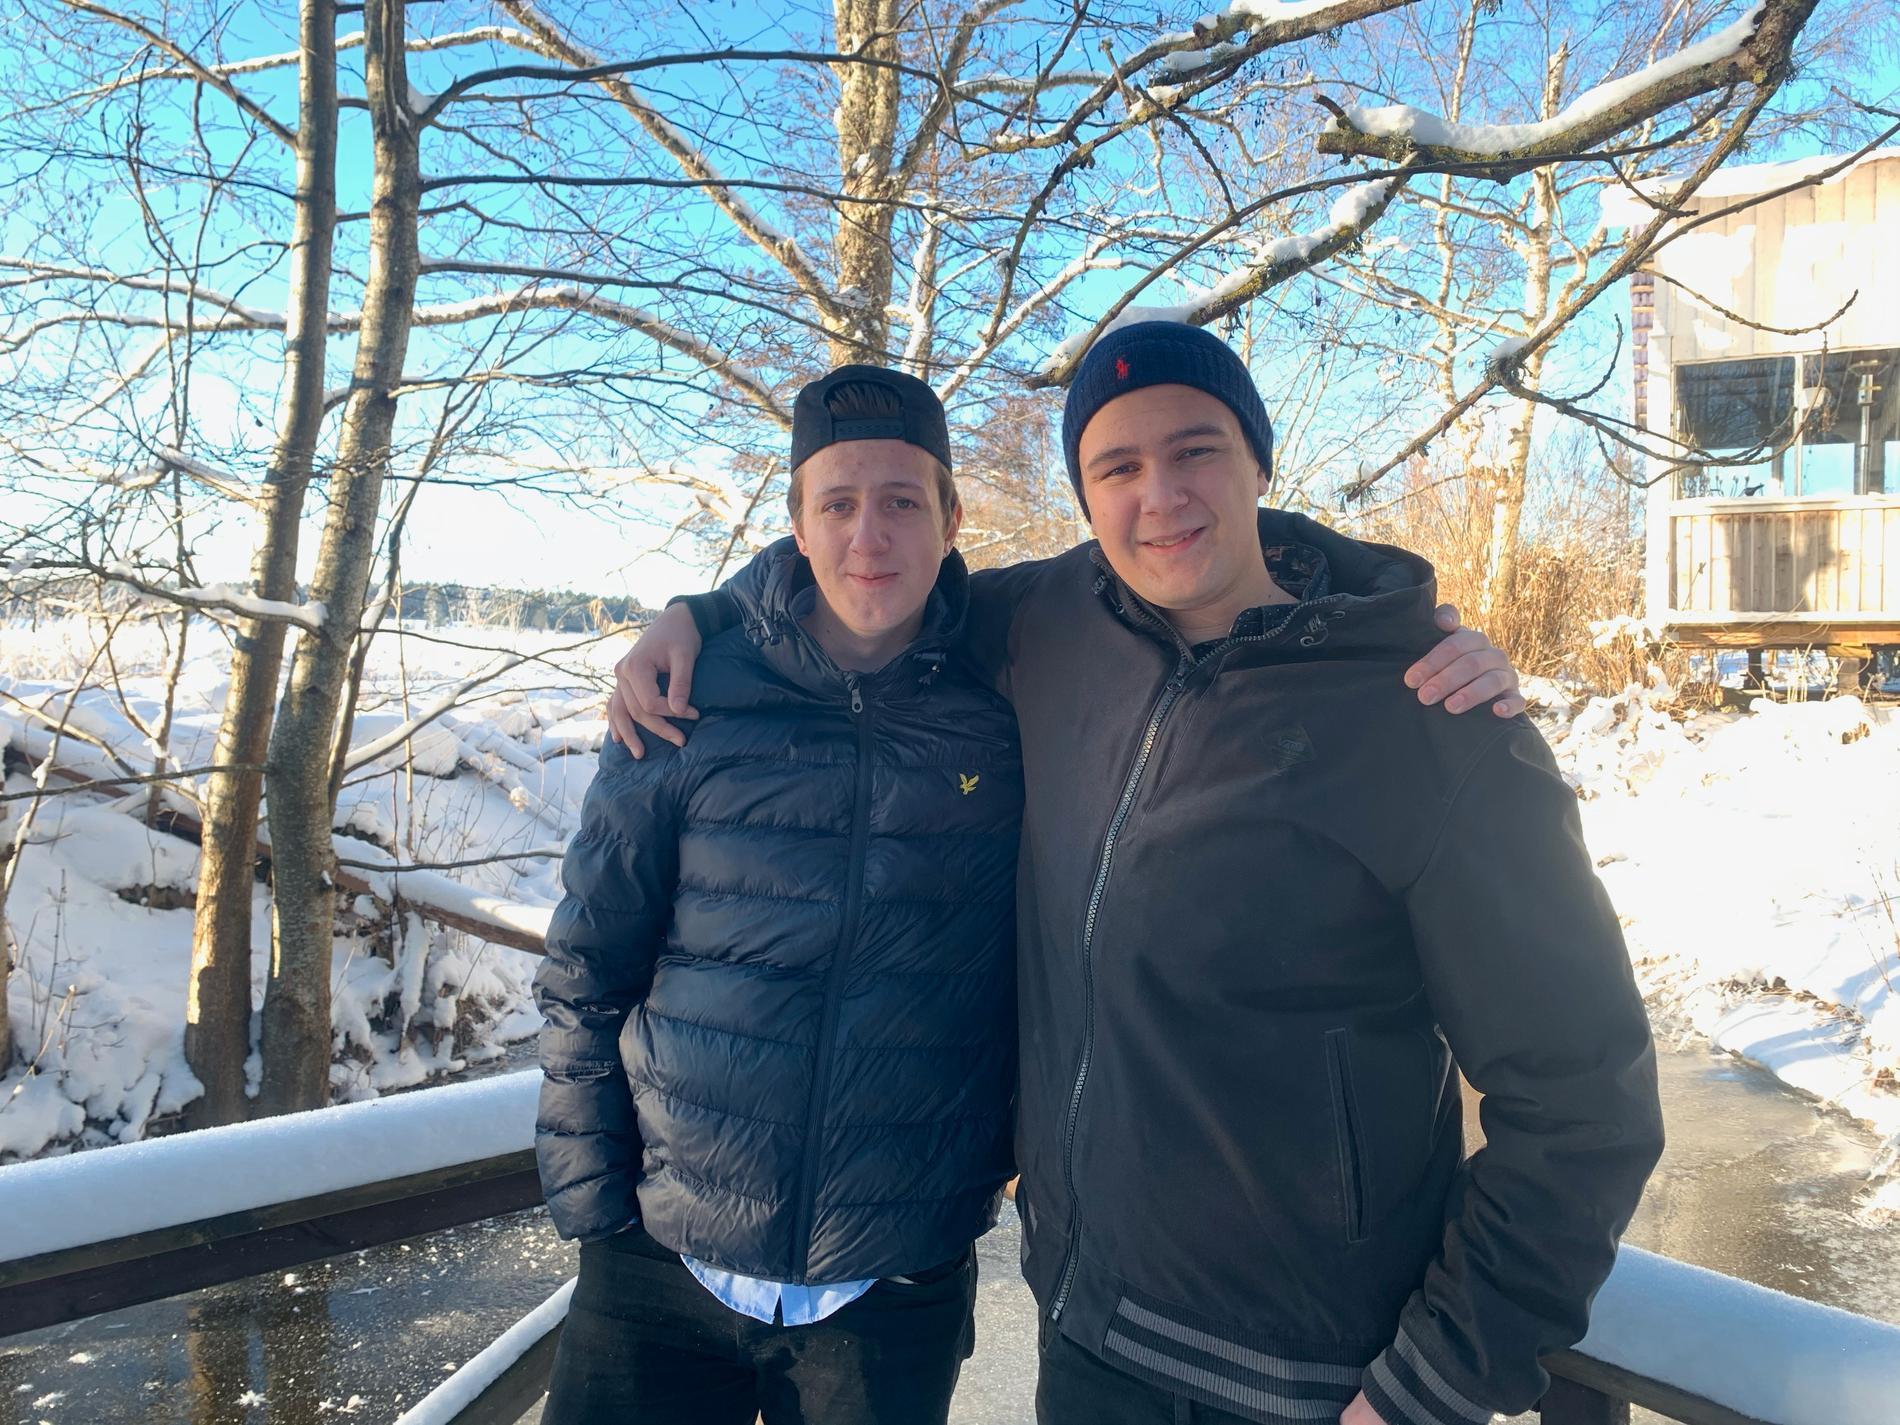 Bröderna Pontus och Linus Pettersson Carlberg.